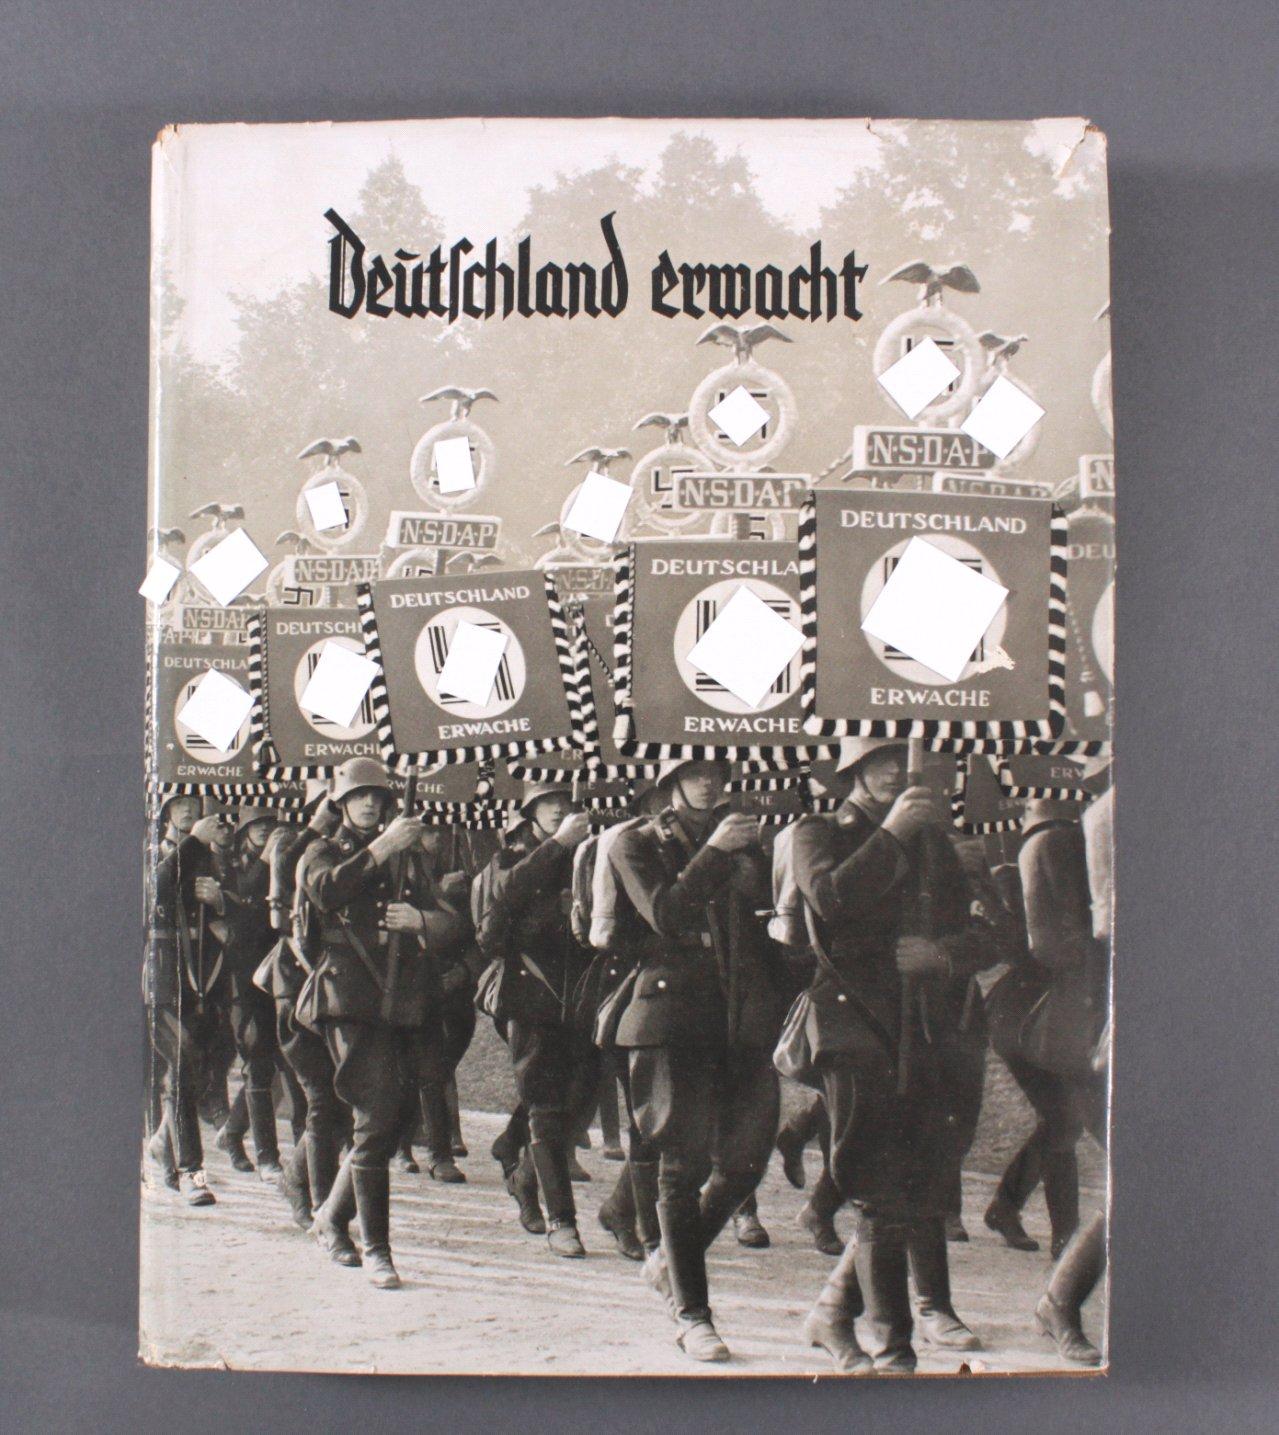 Sammelalbum, Deutschland erwacht